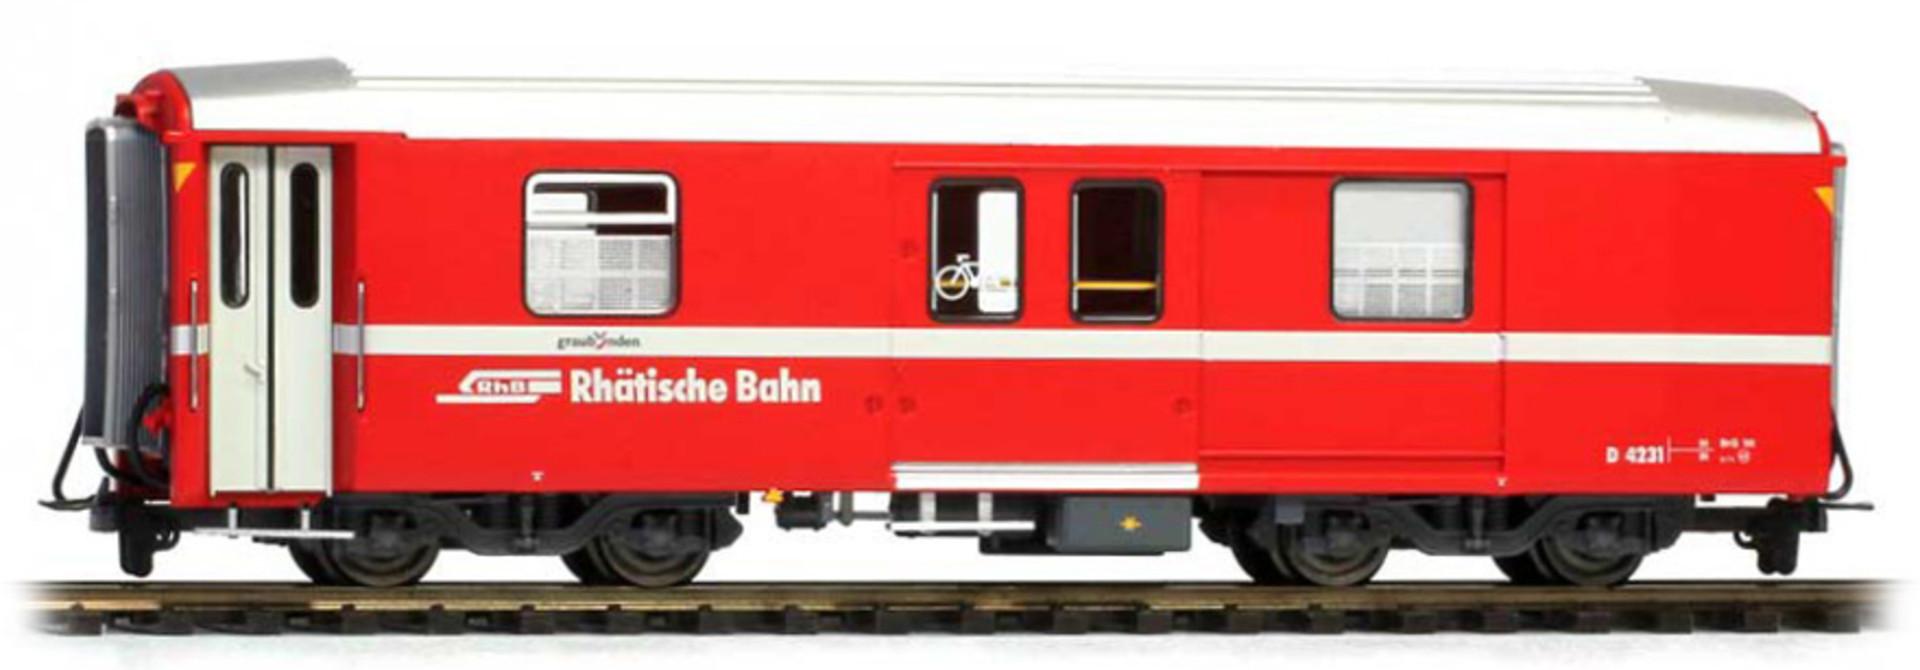 3248163 RhB D 4231 Packwagen neurot